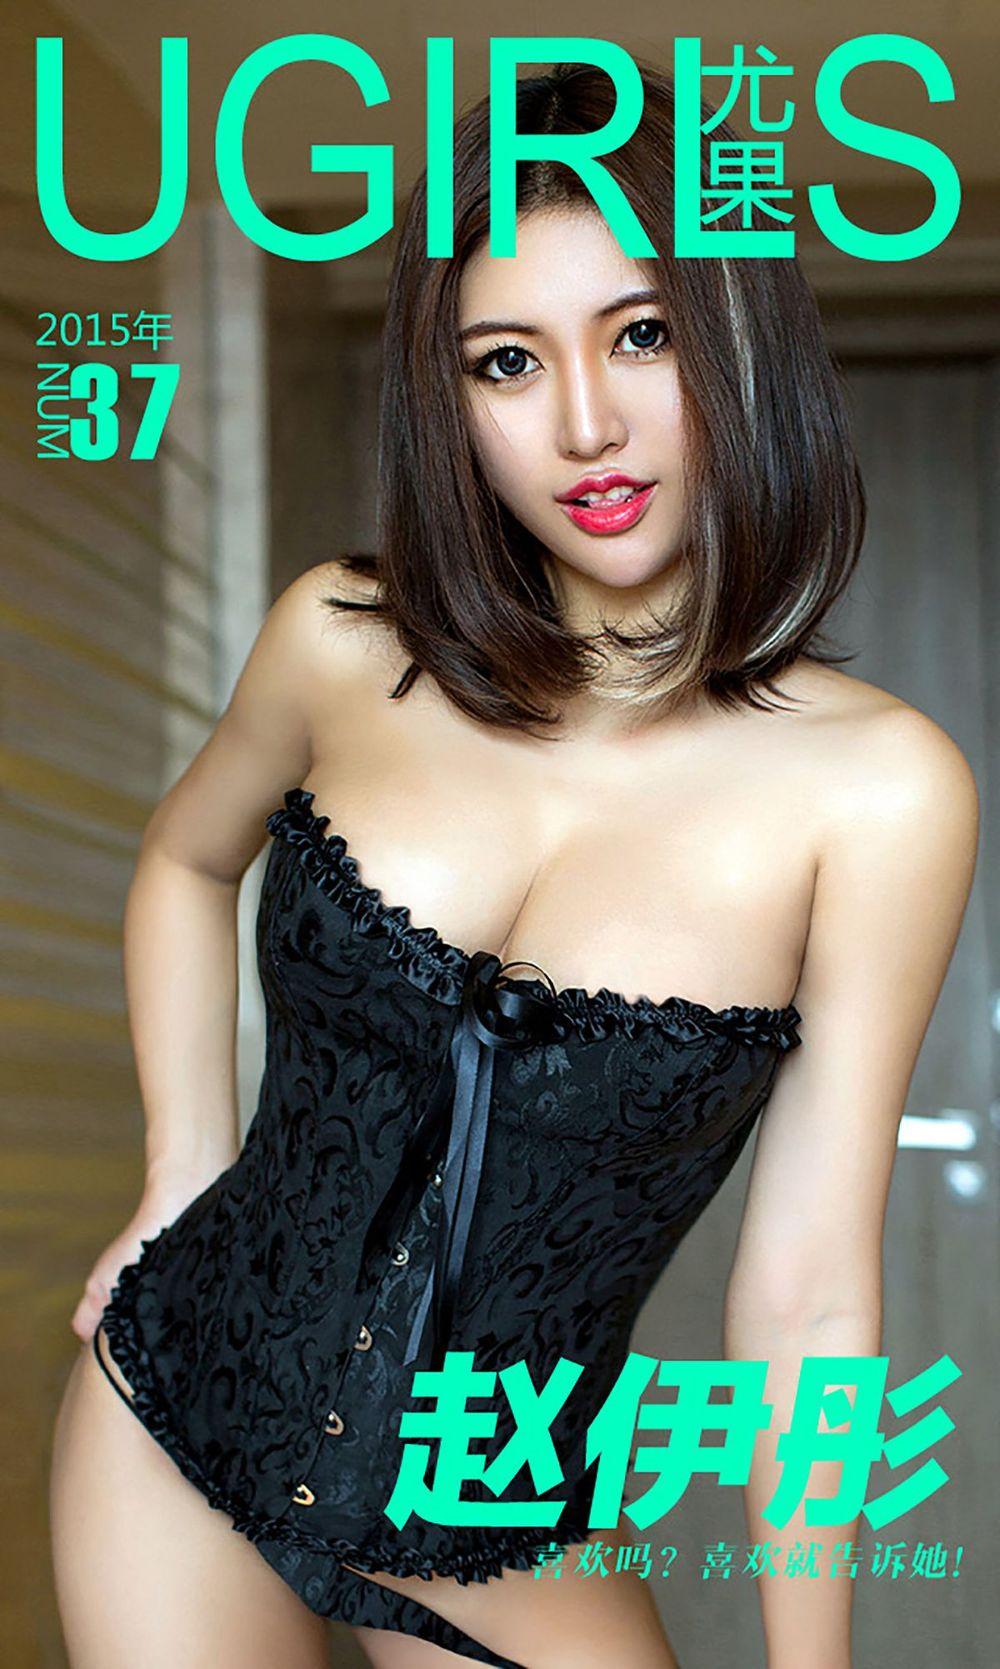 Vol.747 吊袜丁字裤短发美女大胸美女美女模特尤果网-赵伊彤完整私房照合集